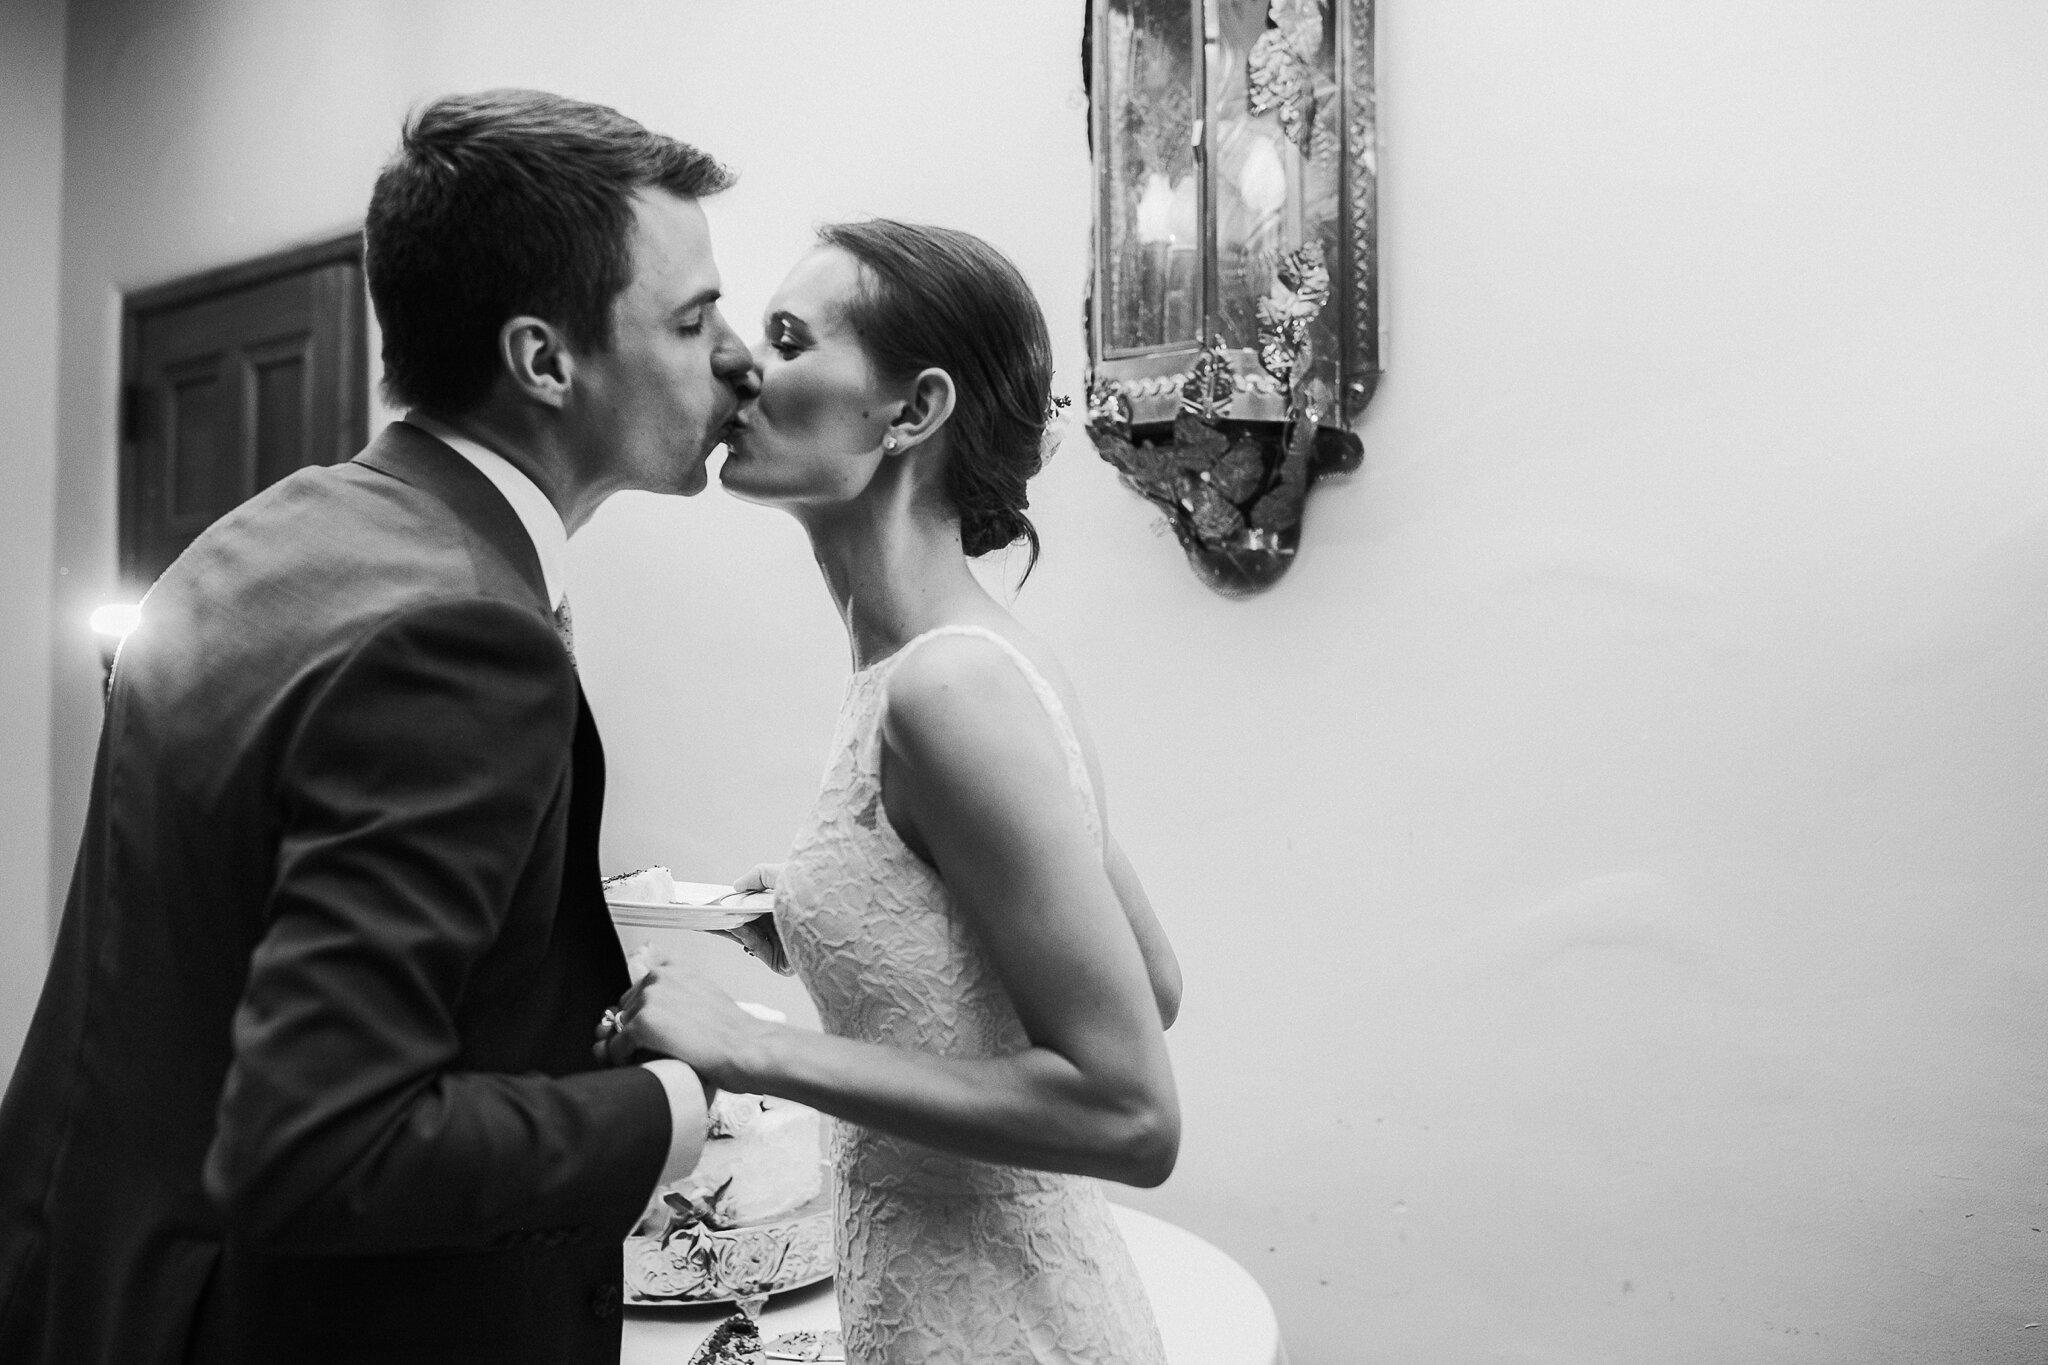 Alicia+lucia+photography+-+albuquerque+wedding+photographer+-+santa+fe+wedding+photography+-+new+mexico+wedding+photographer+-+new+mexico+wedding+-+wedding+-+wedding+cakes+-+flroal+cake+-+santa+fe+cake+-+santa+fe+baker_0026.jpg